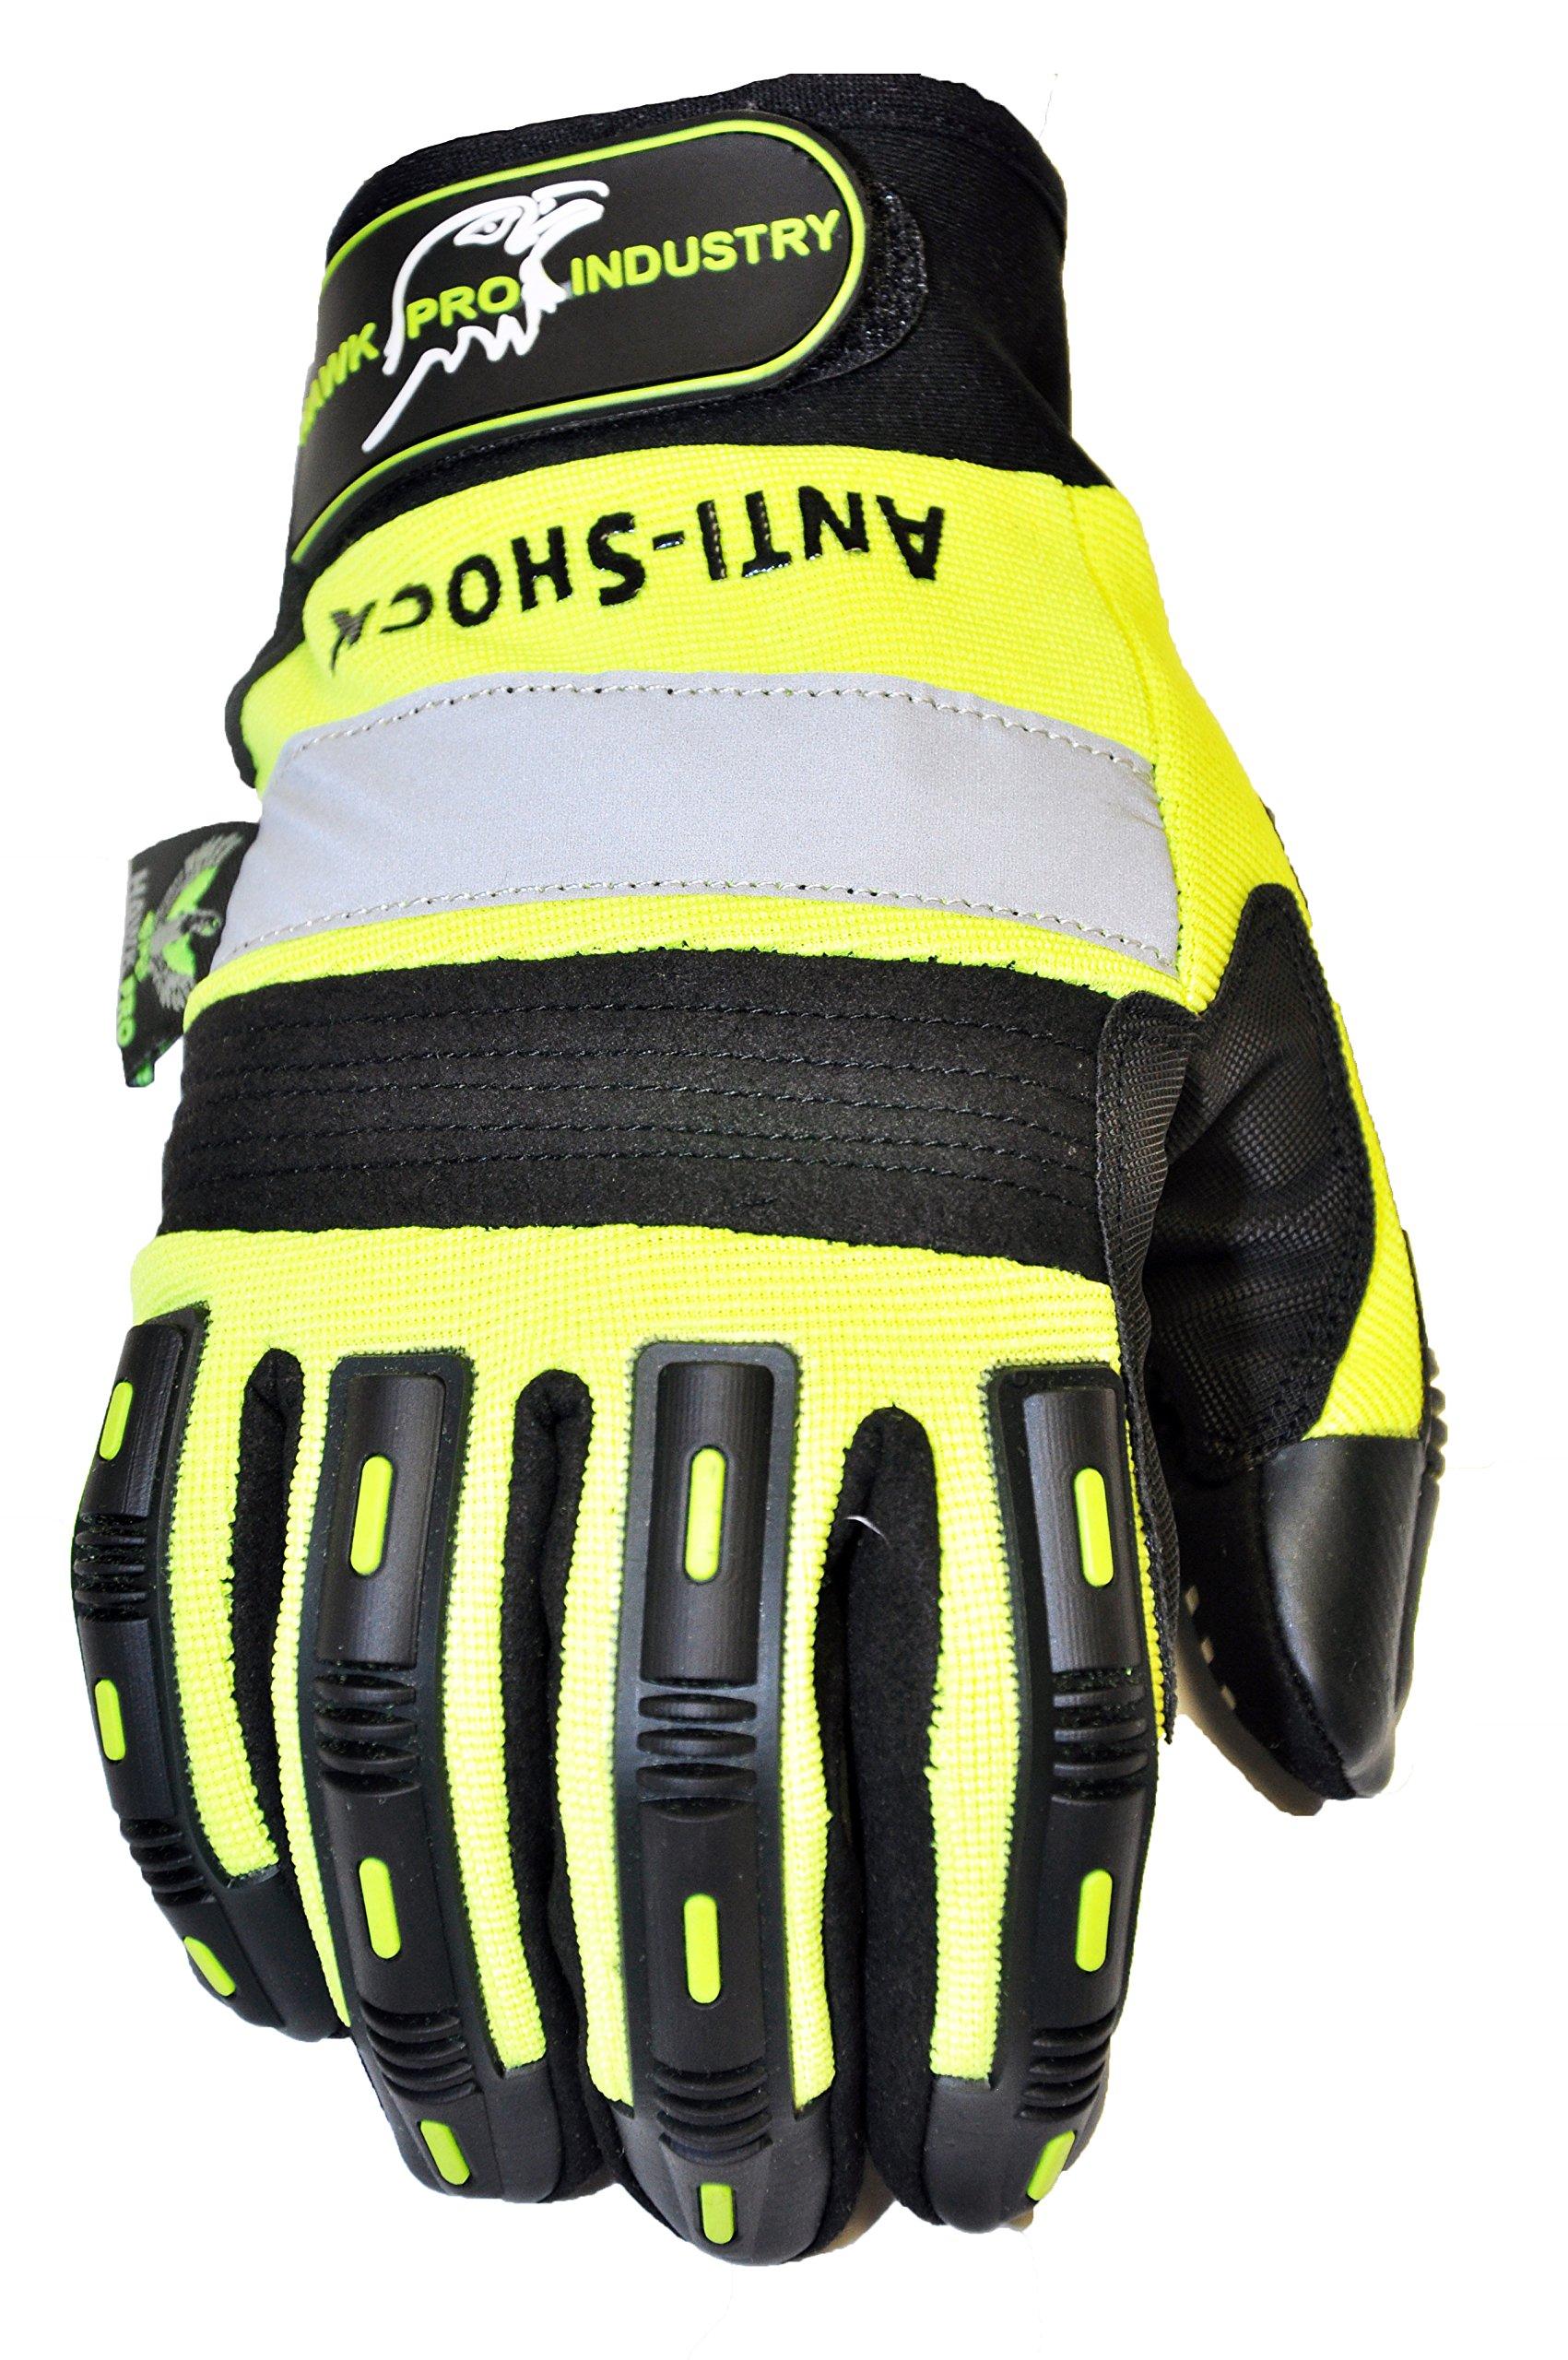 HAWK PRO PRO-0511XL Anti Slip Mechanics Glove, X-Large, Green